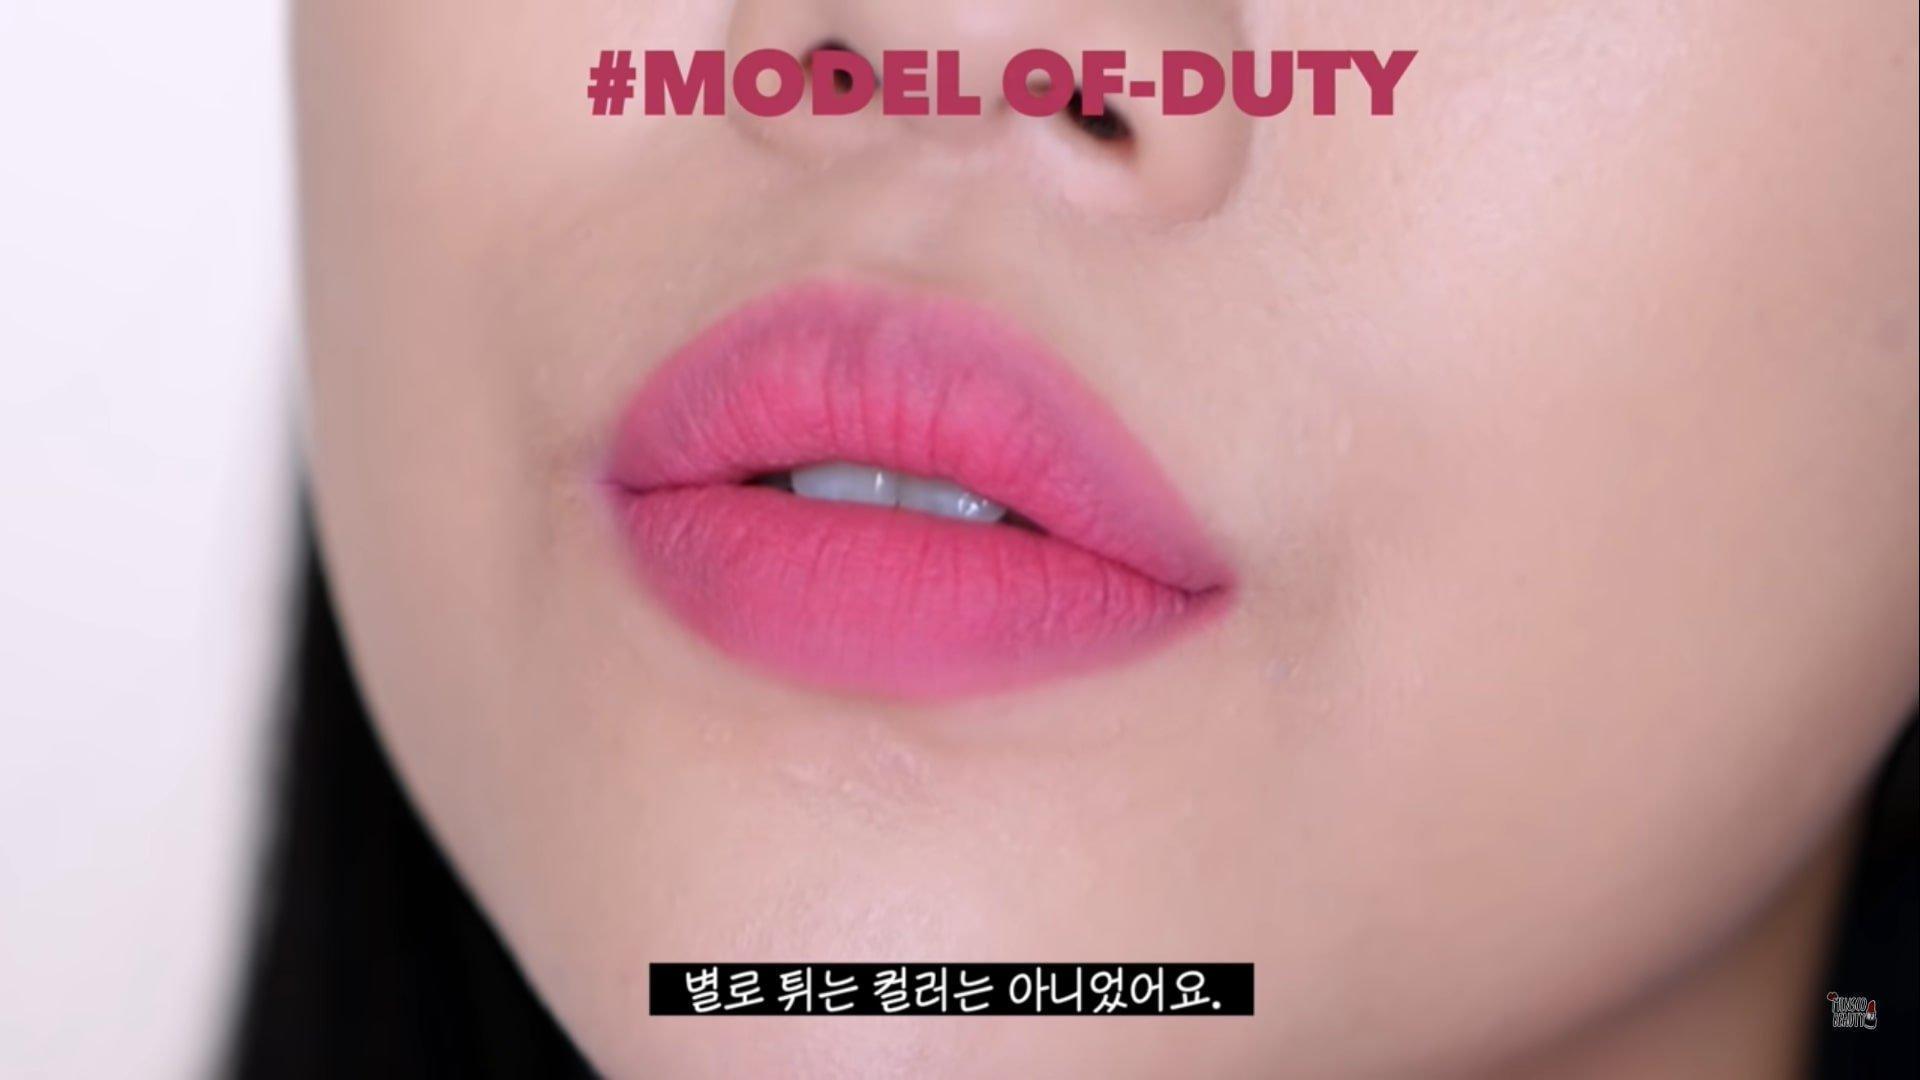 Model Of Duty là sắc hồng lạnh, không tạo cảm giác sến sẩm mà rất cá tính. (nguồn: Internet)